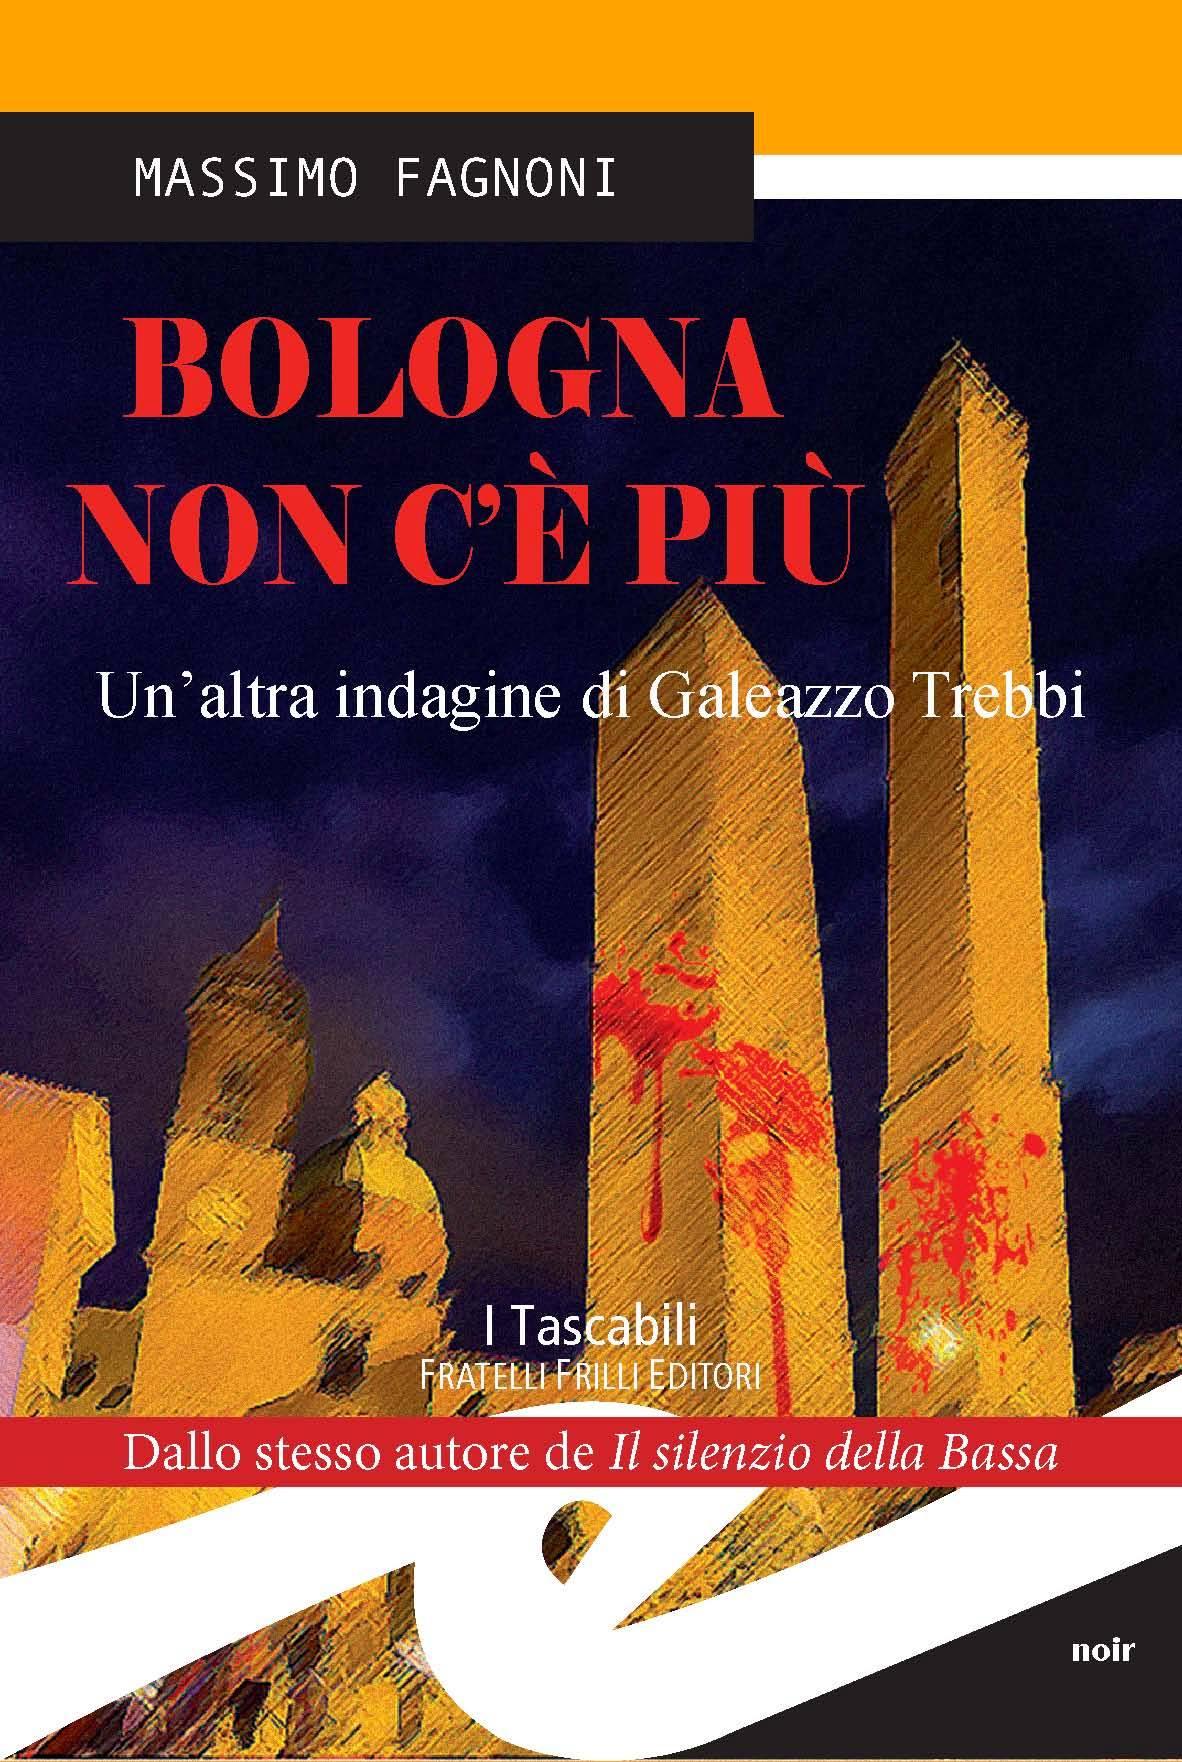 Bologna non c'è pi�...